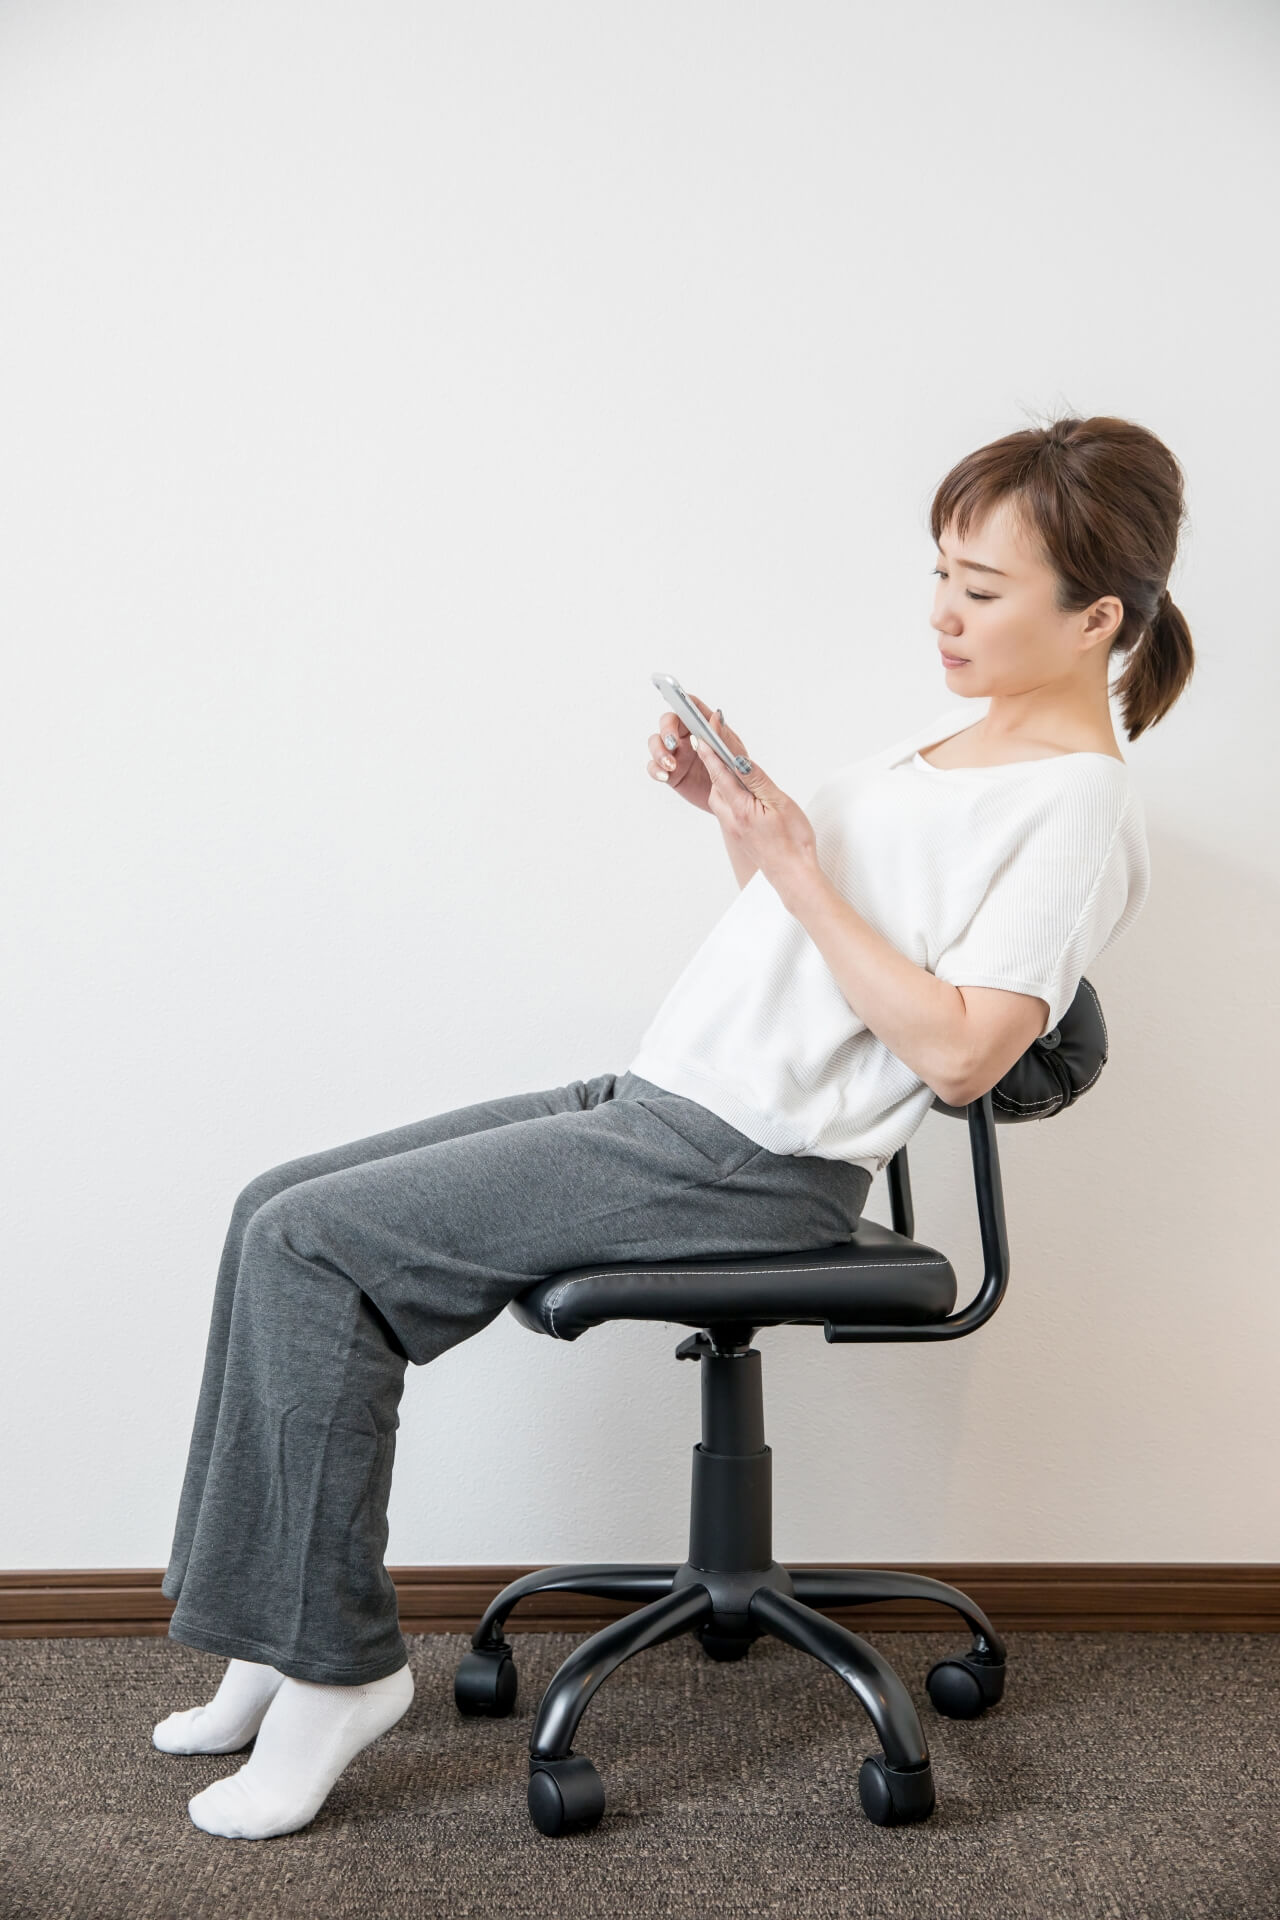 姿勢の悪い座り方